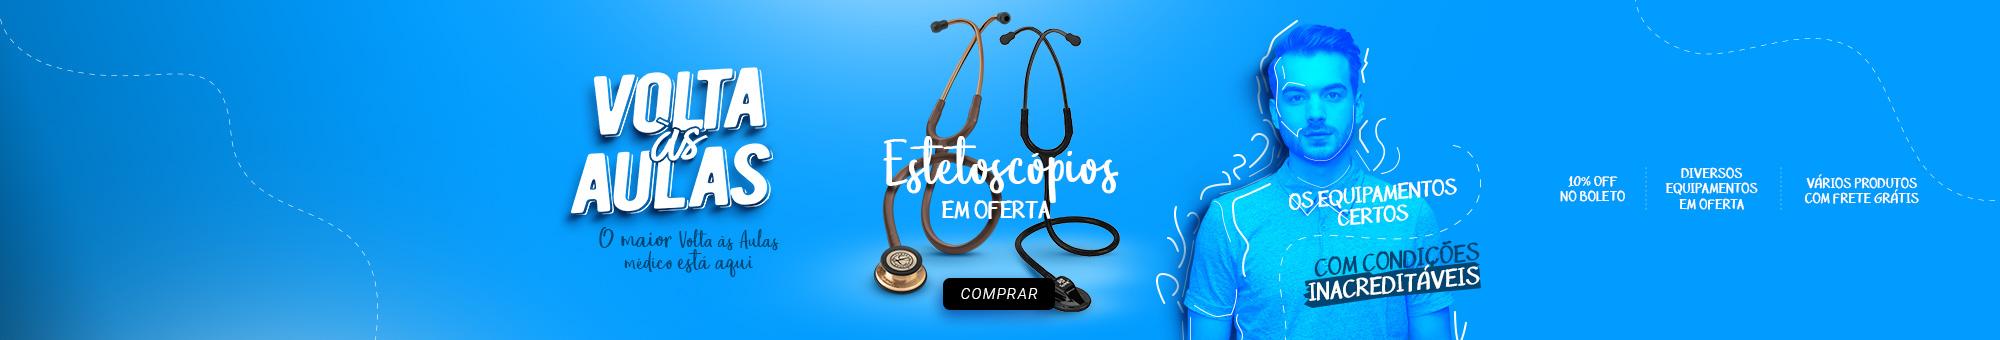 Dpto - Estetoscópio